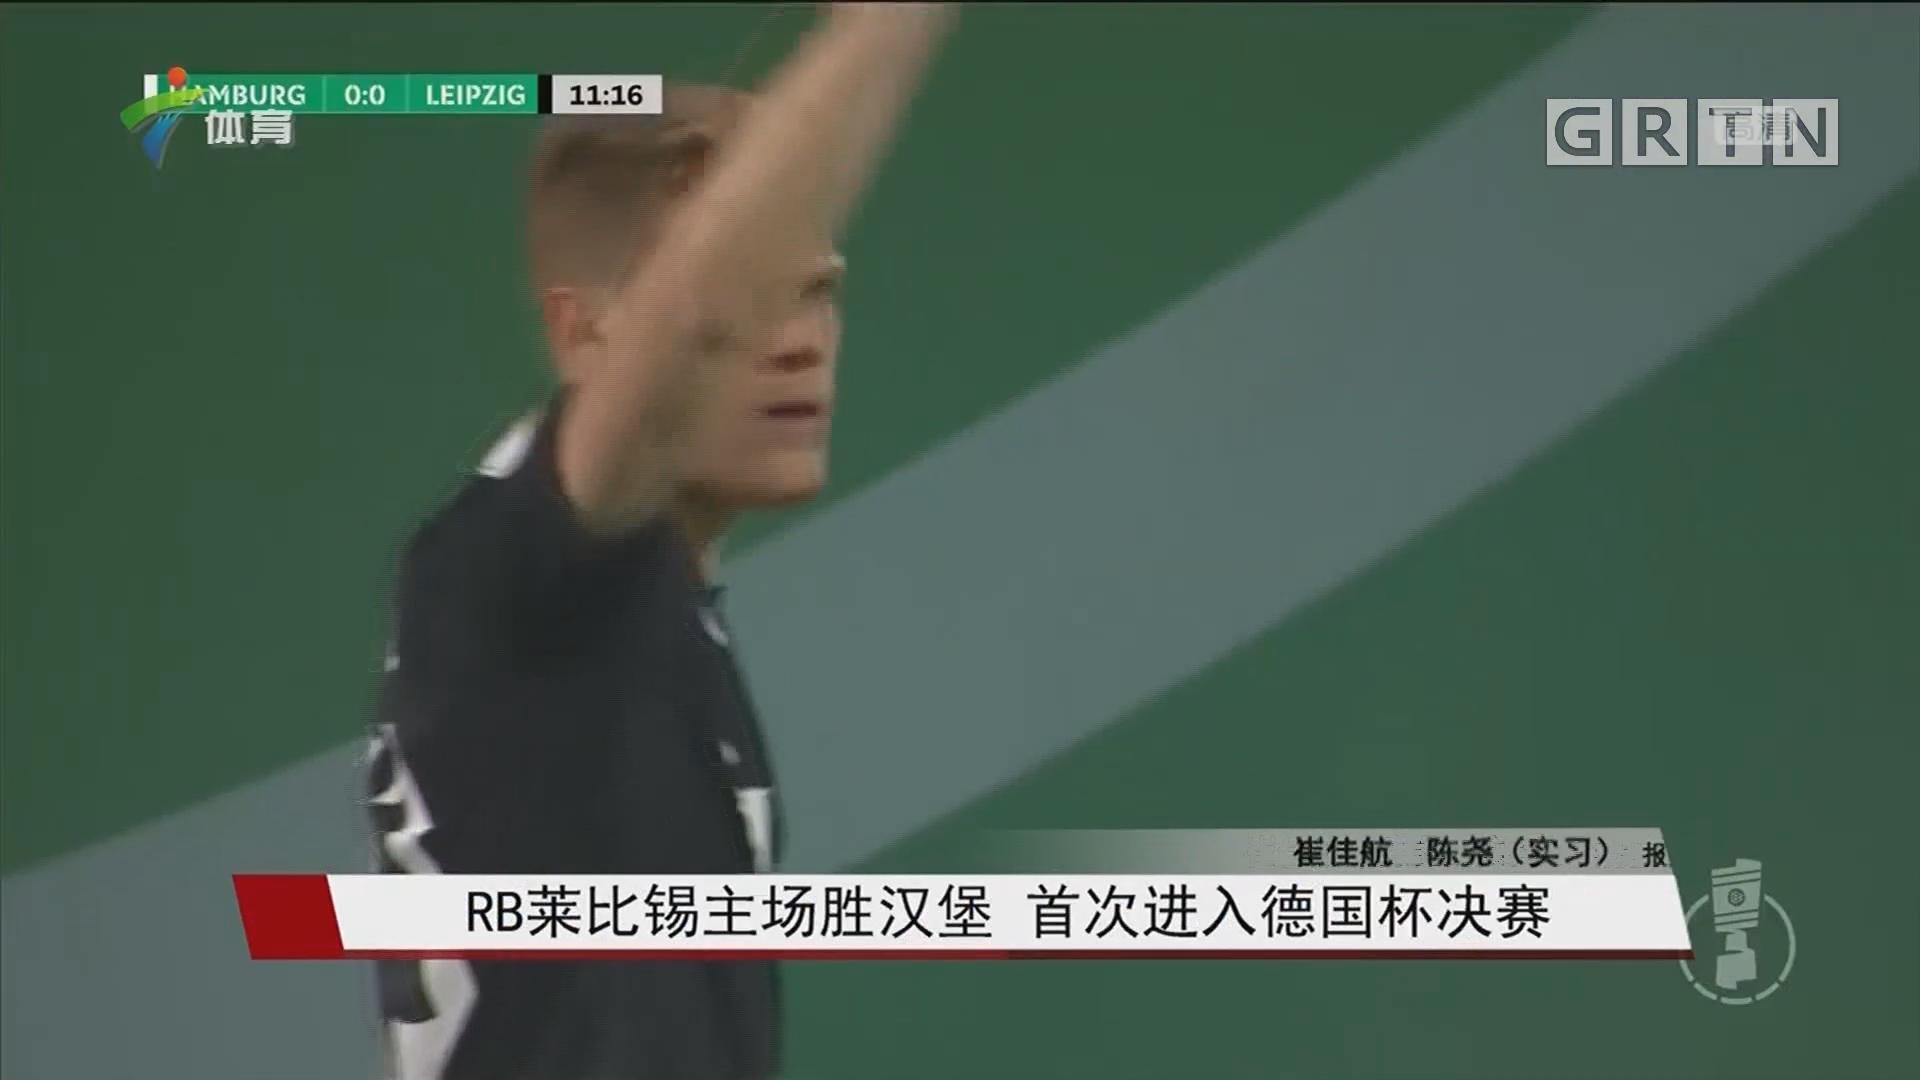 RB莱比锡主场胜汉堡 首次进入德国杯决赛